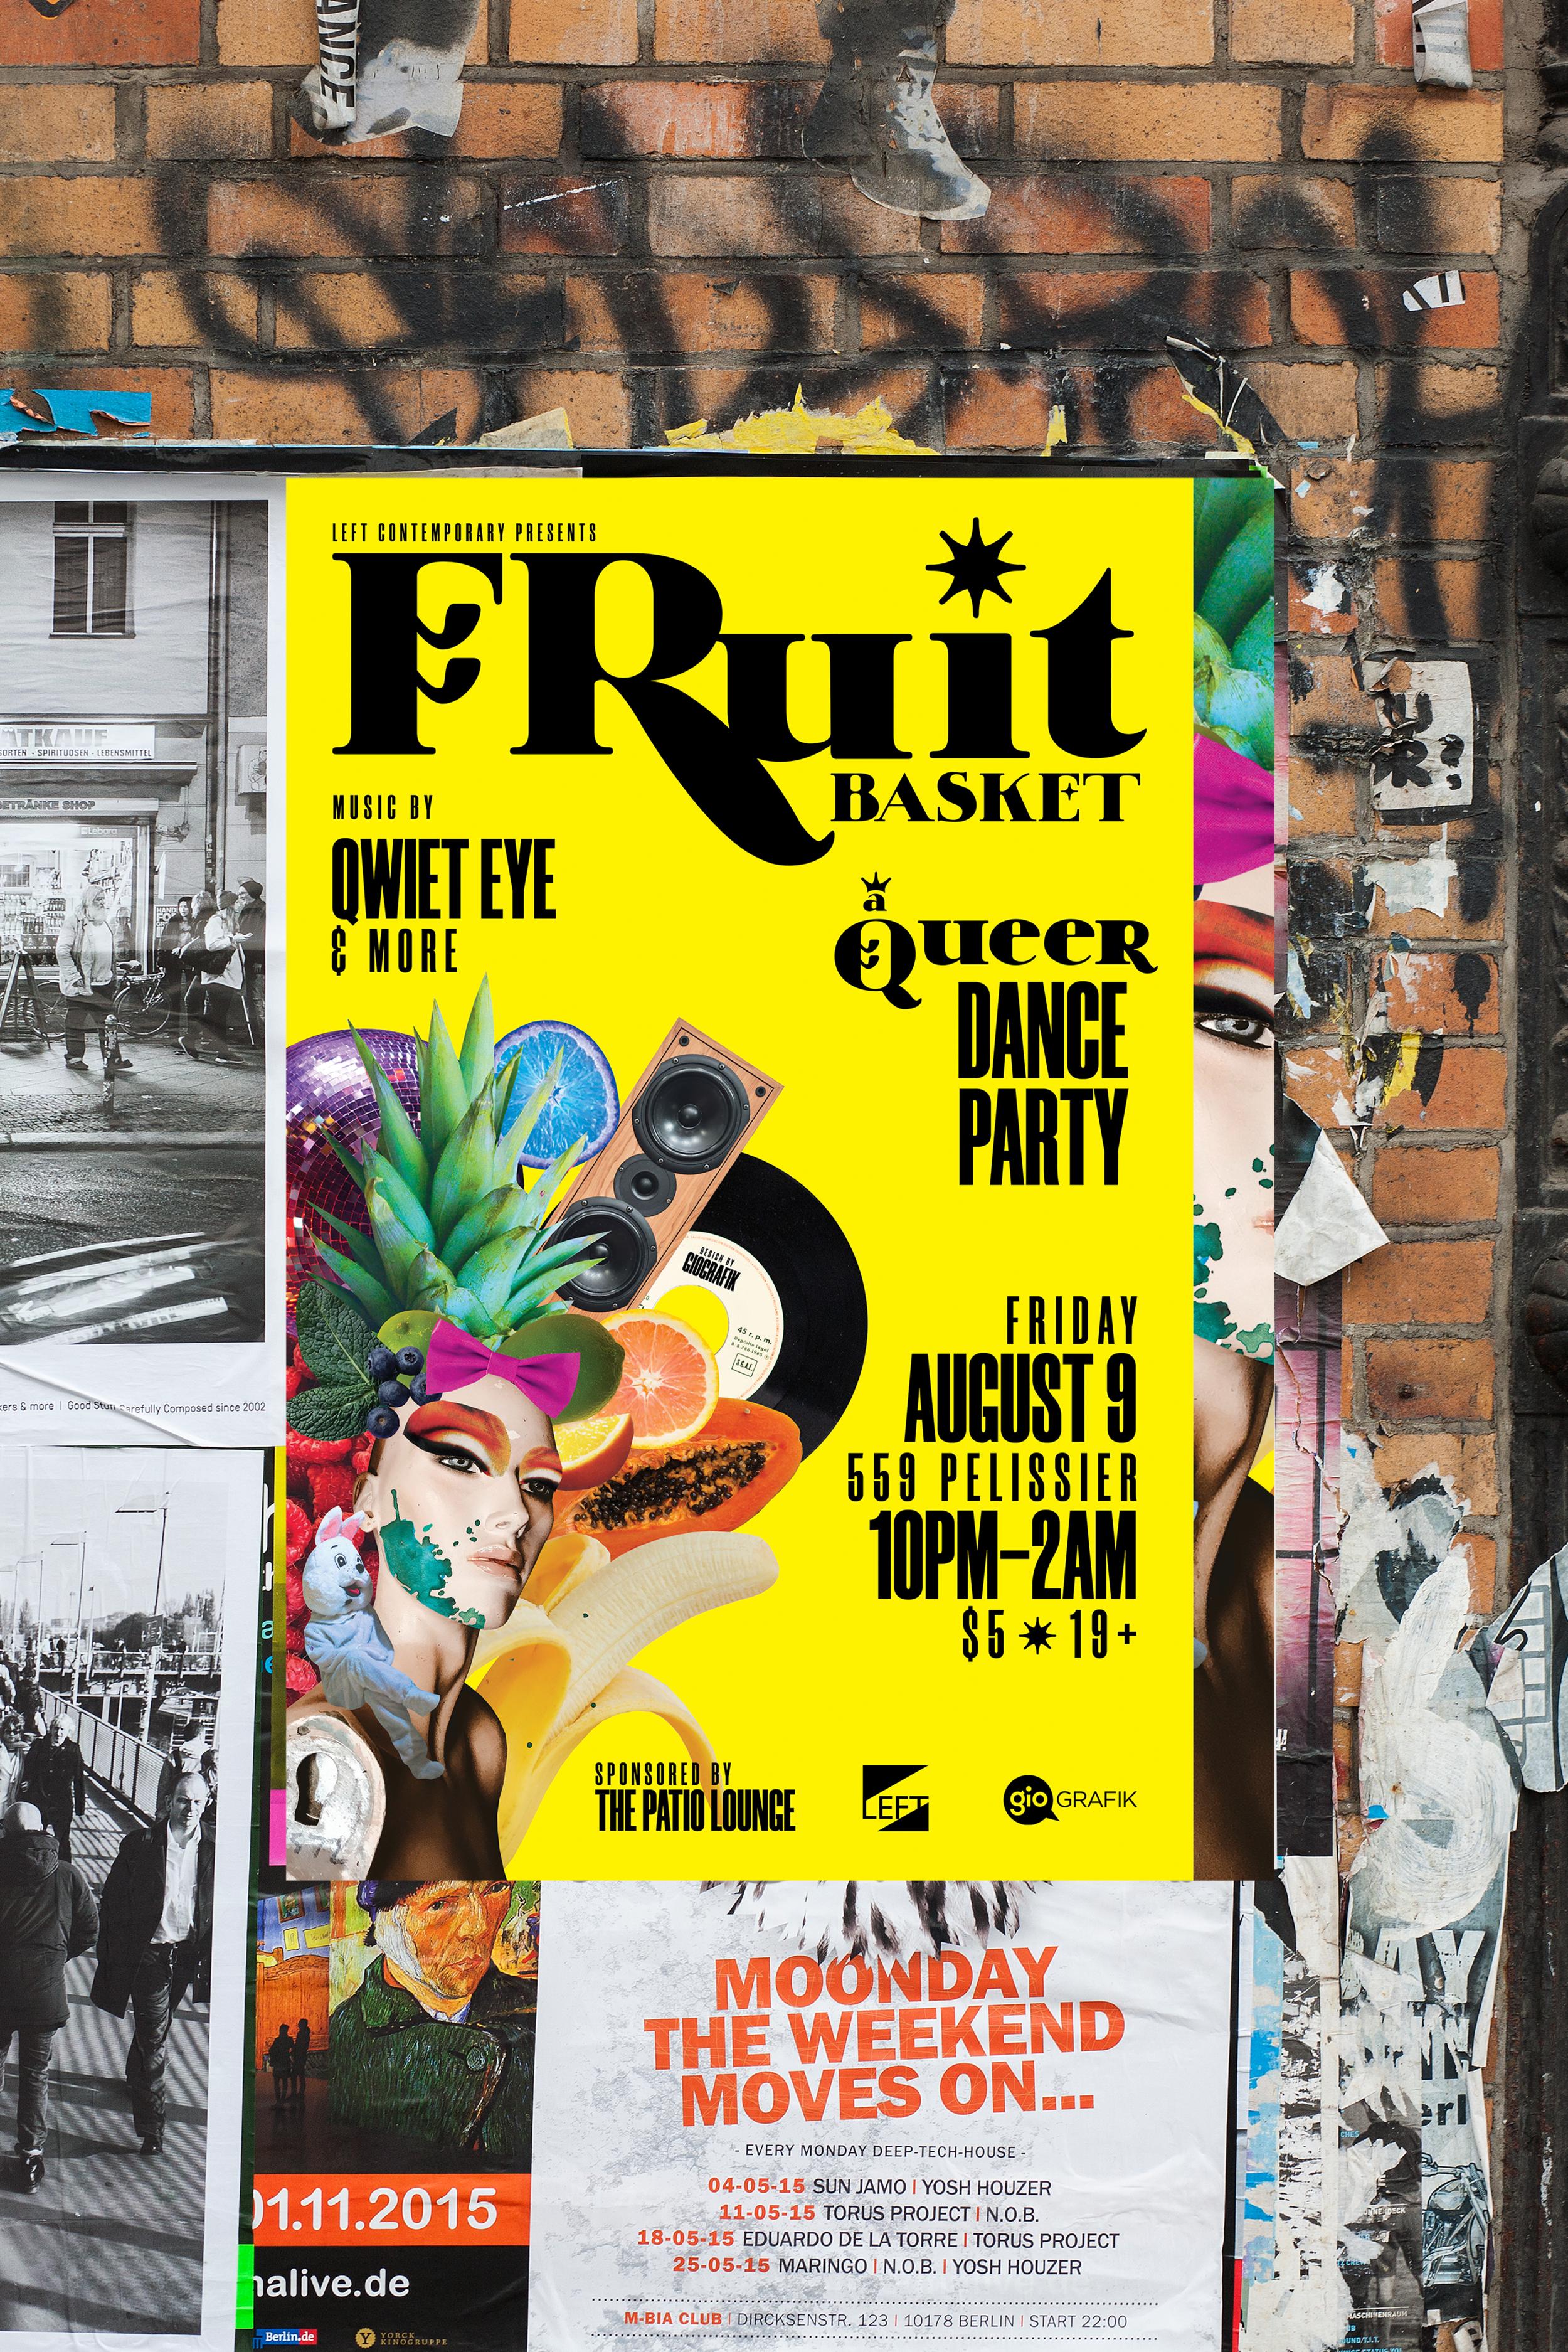 FruitBasket_Poster_MockUp.png